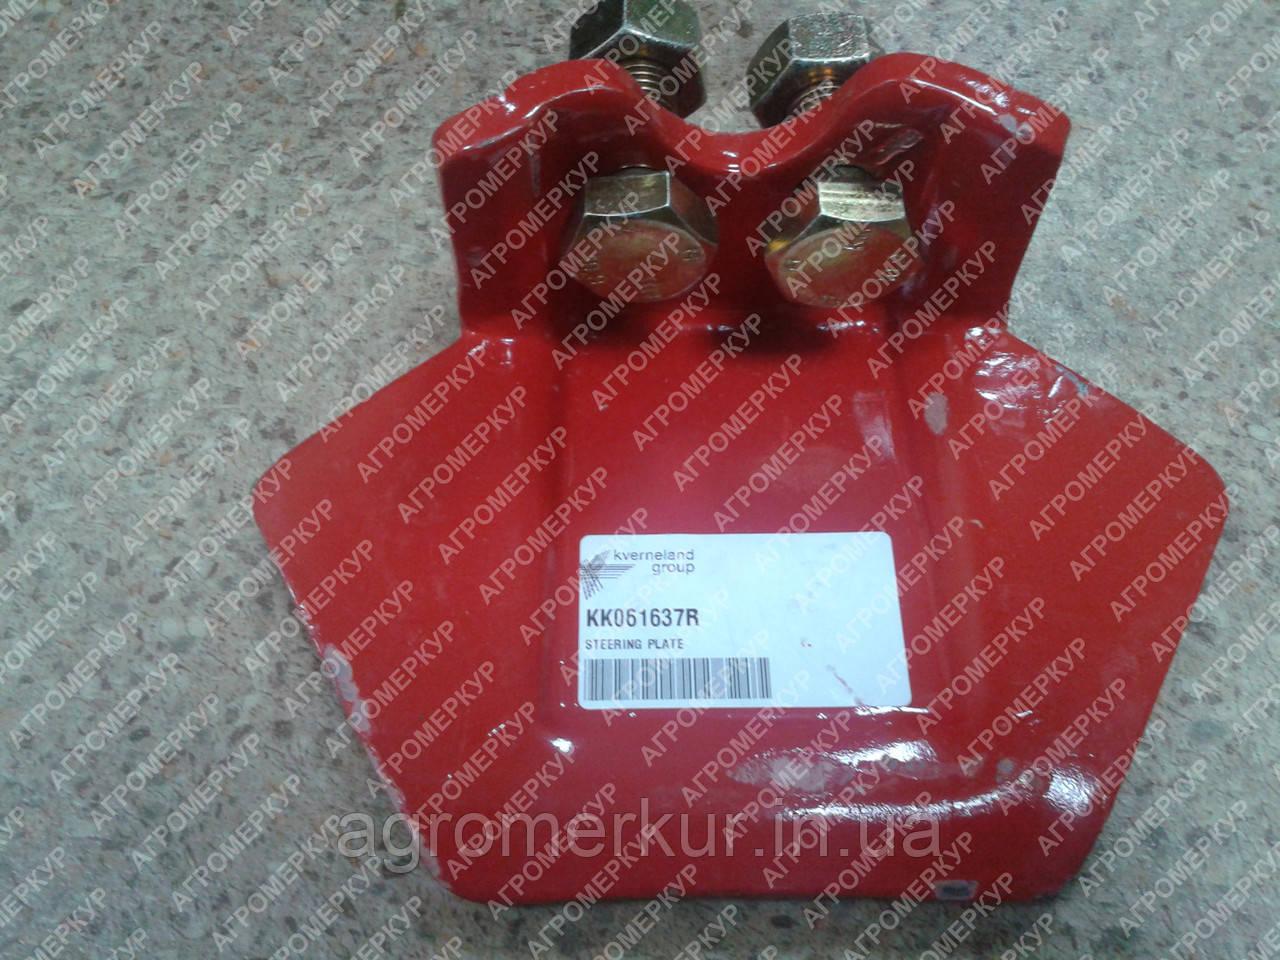 Плита распределительная KK061637R